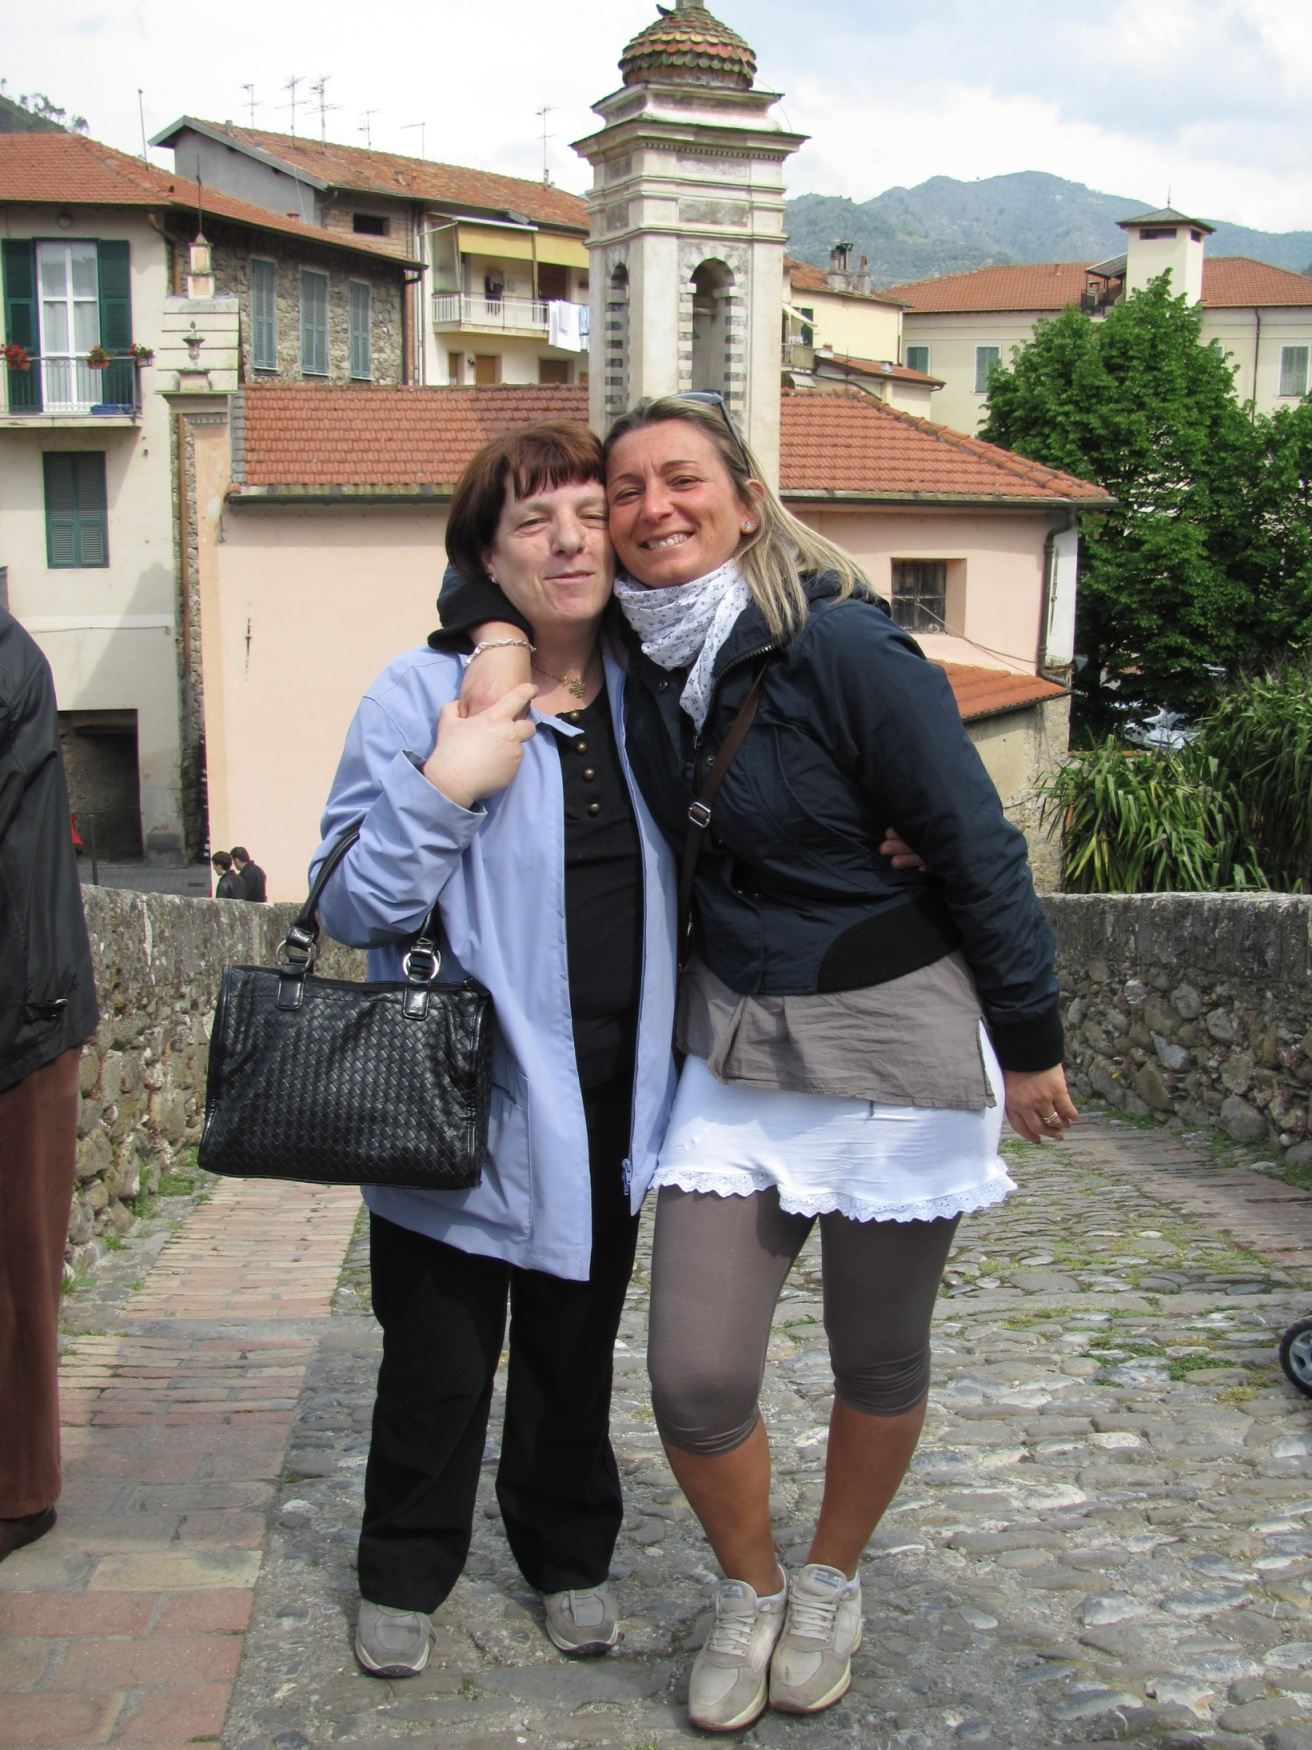 pasquetta_dolceacqua-2011-04-25-11-29-00